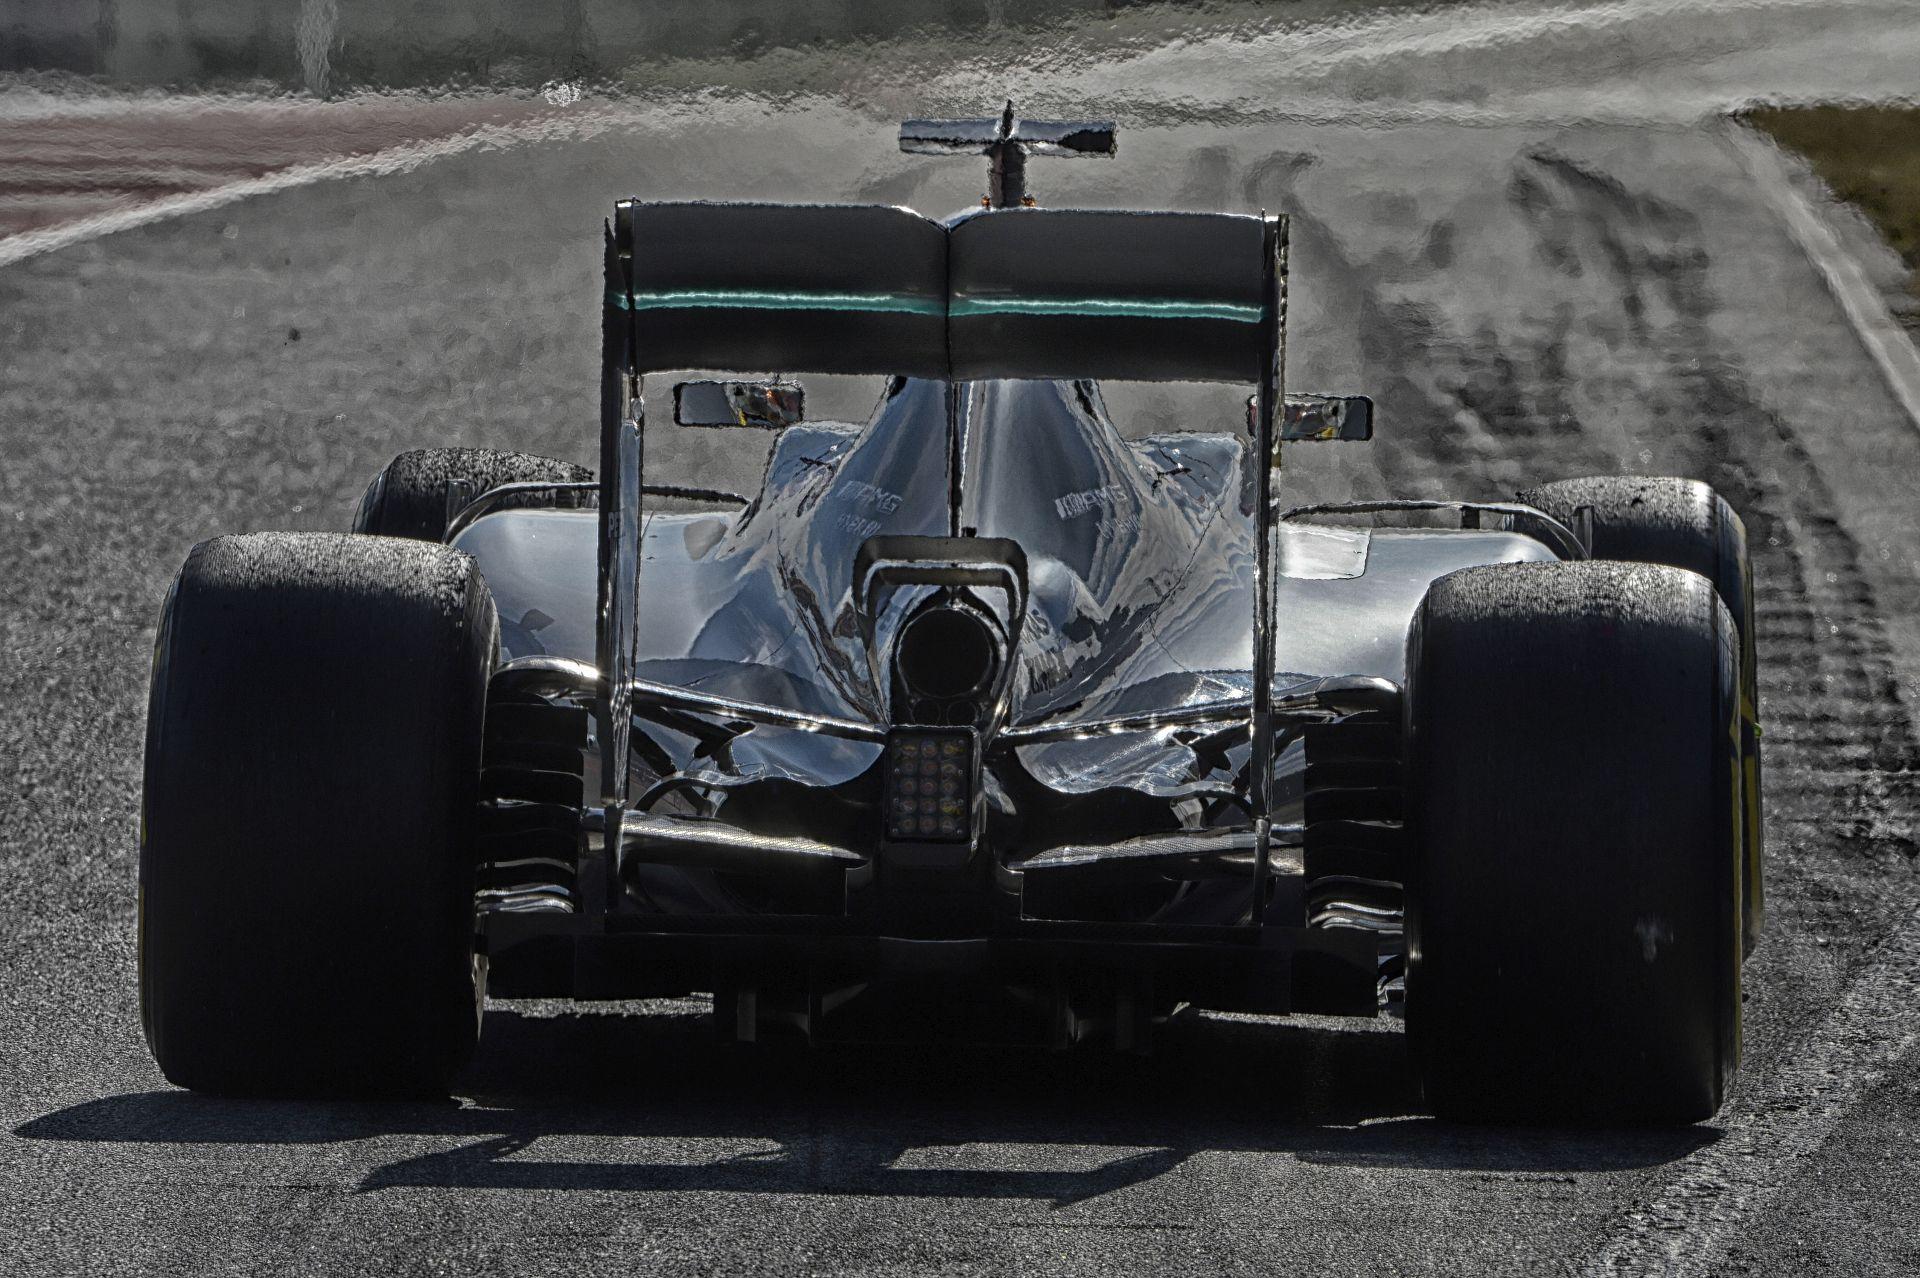 Fájdalmas sorozatok szakadtak meg a Mercedes számára: Rosberg is búcsút inthet a rekordnak